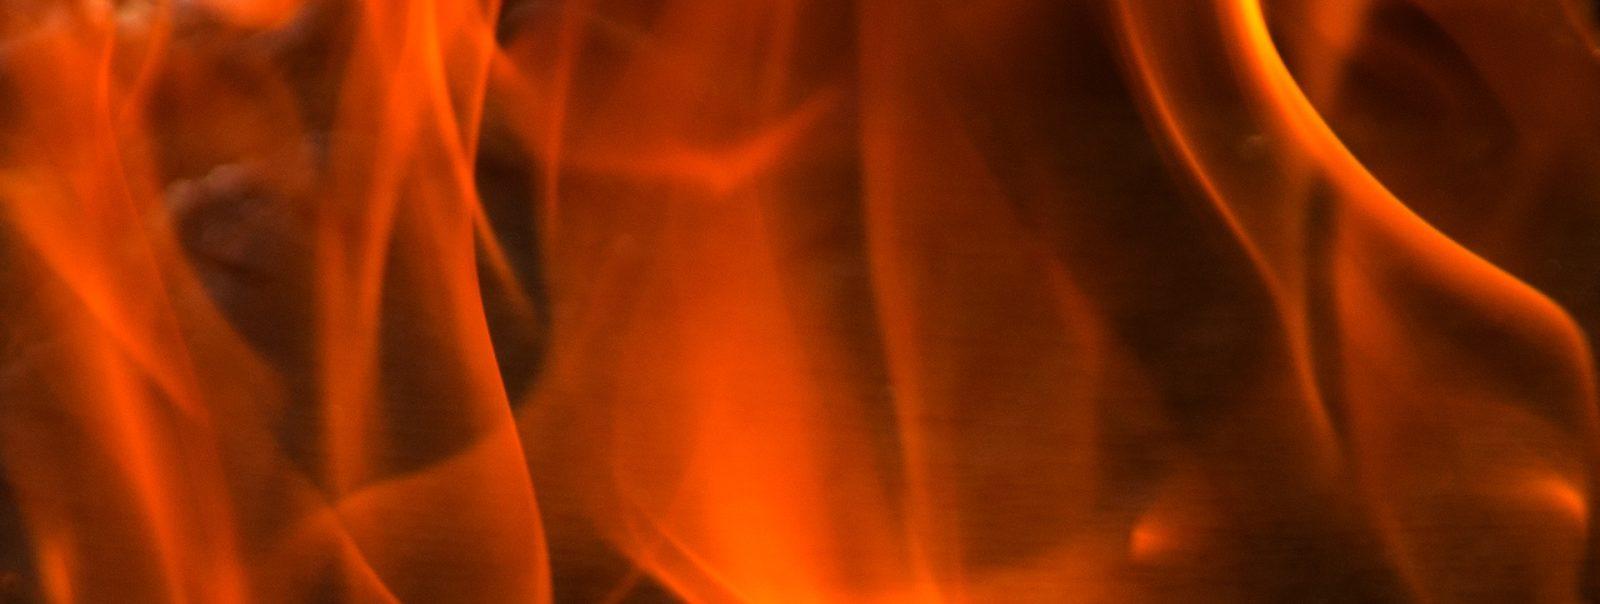 fire-3414068_1920